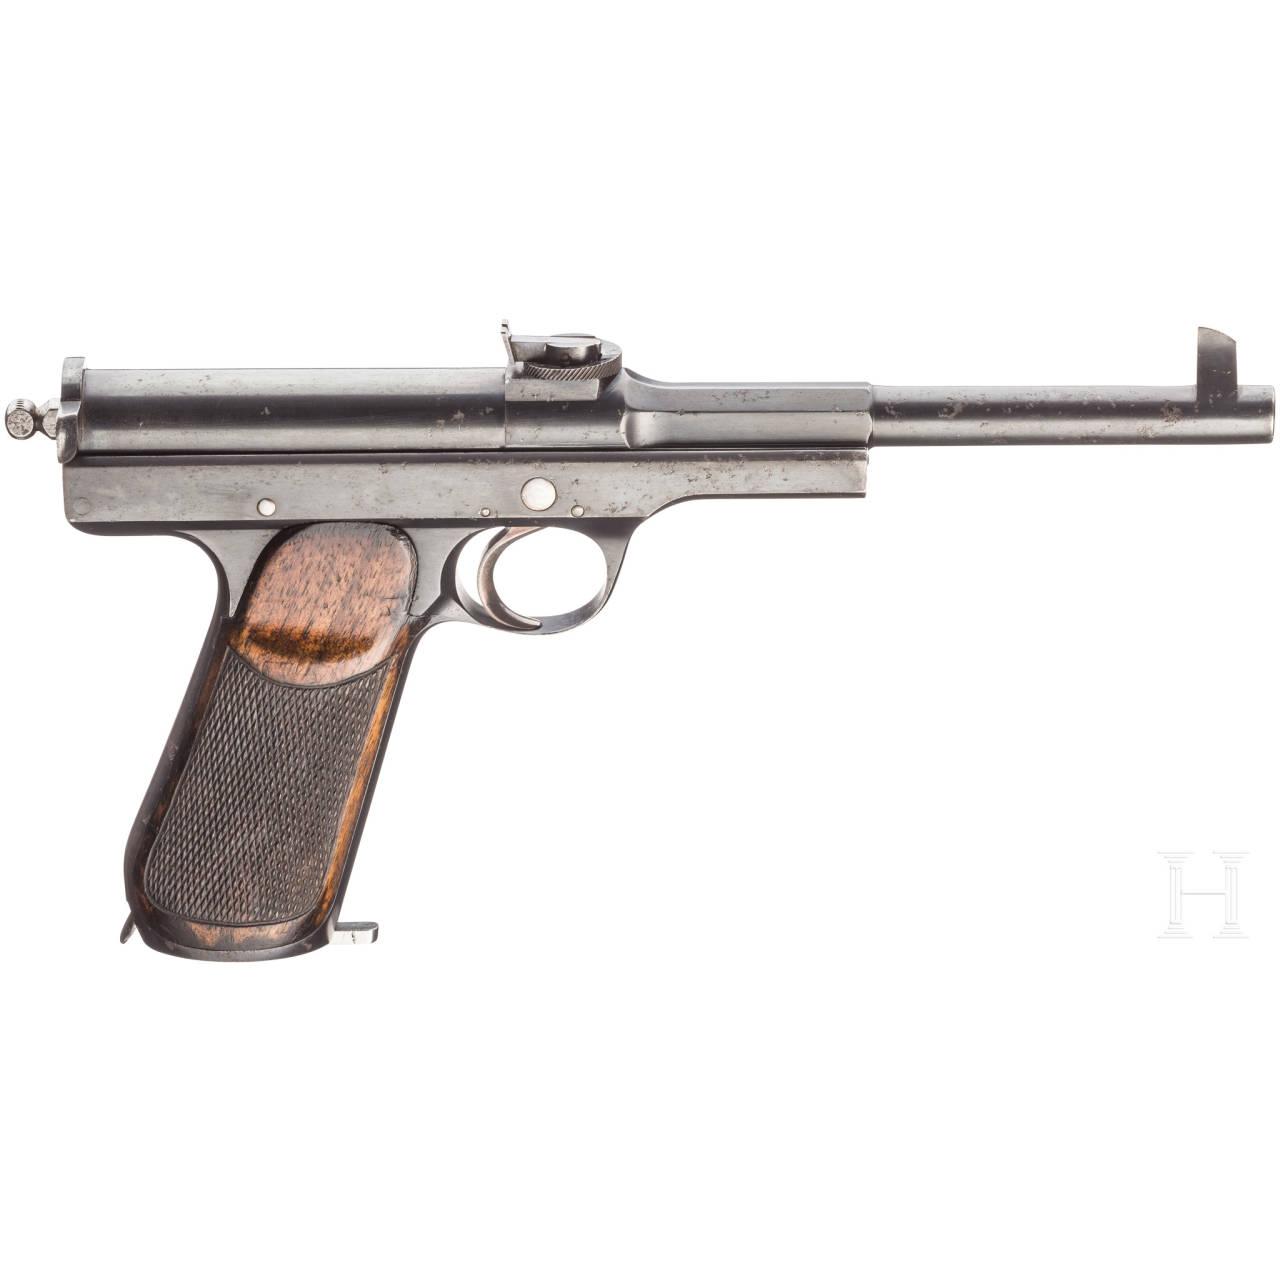 A Schwarzlose, standard model